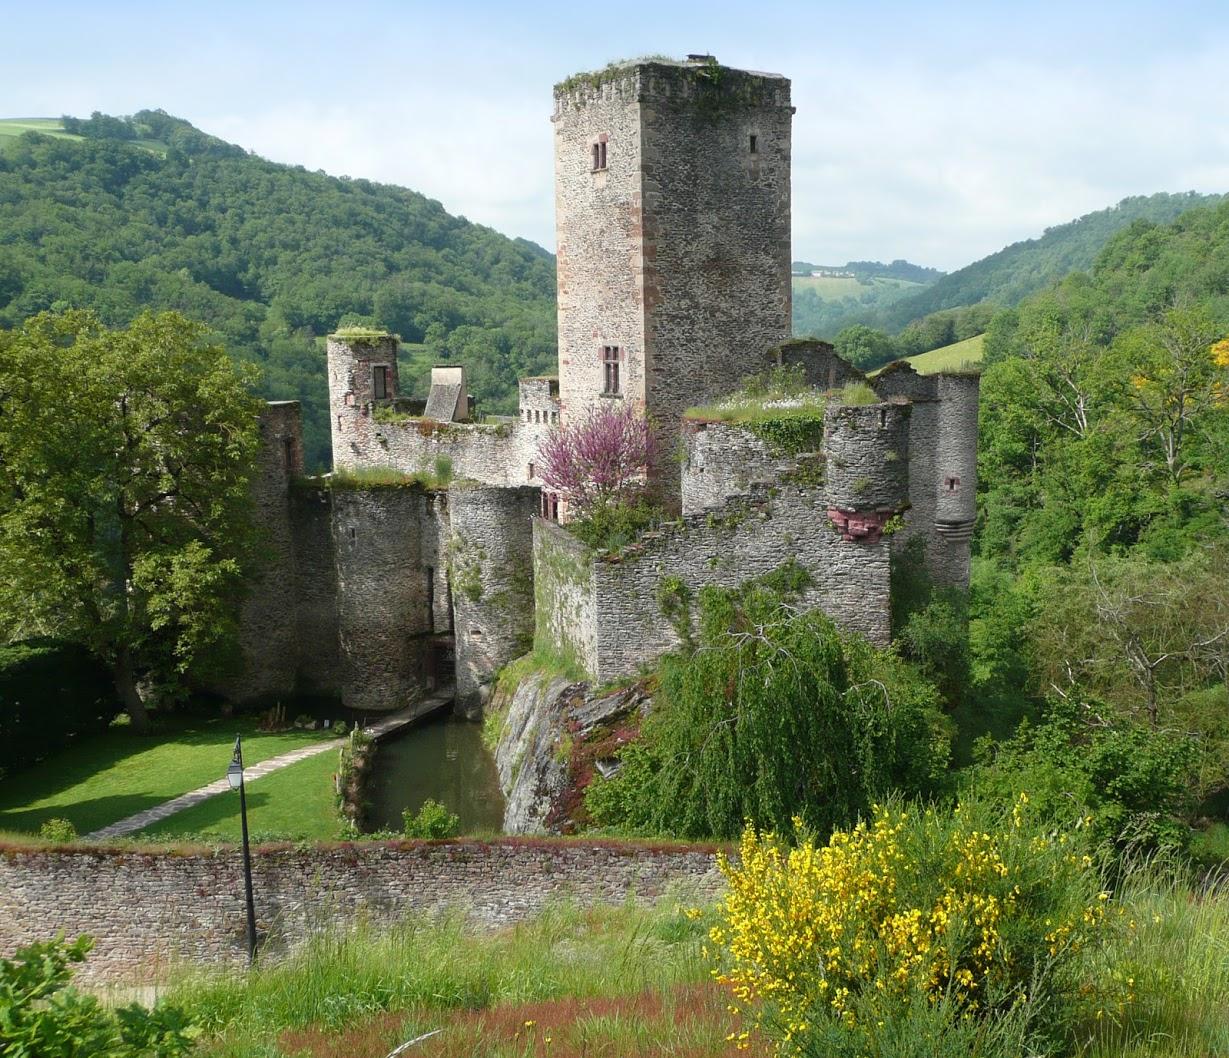 vue d'ensemble du chateau de belcastel